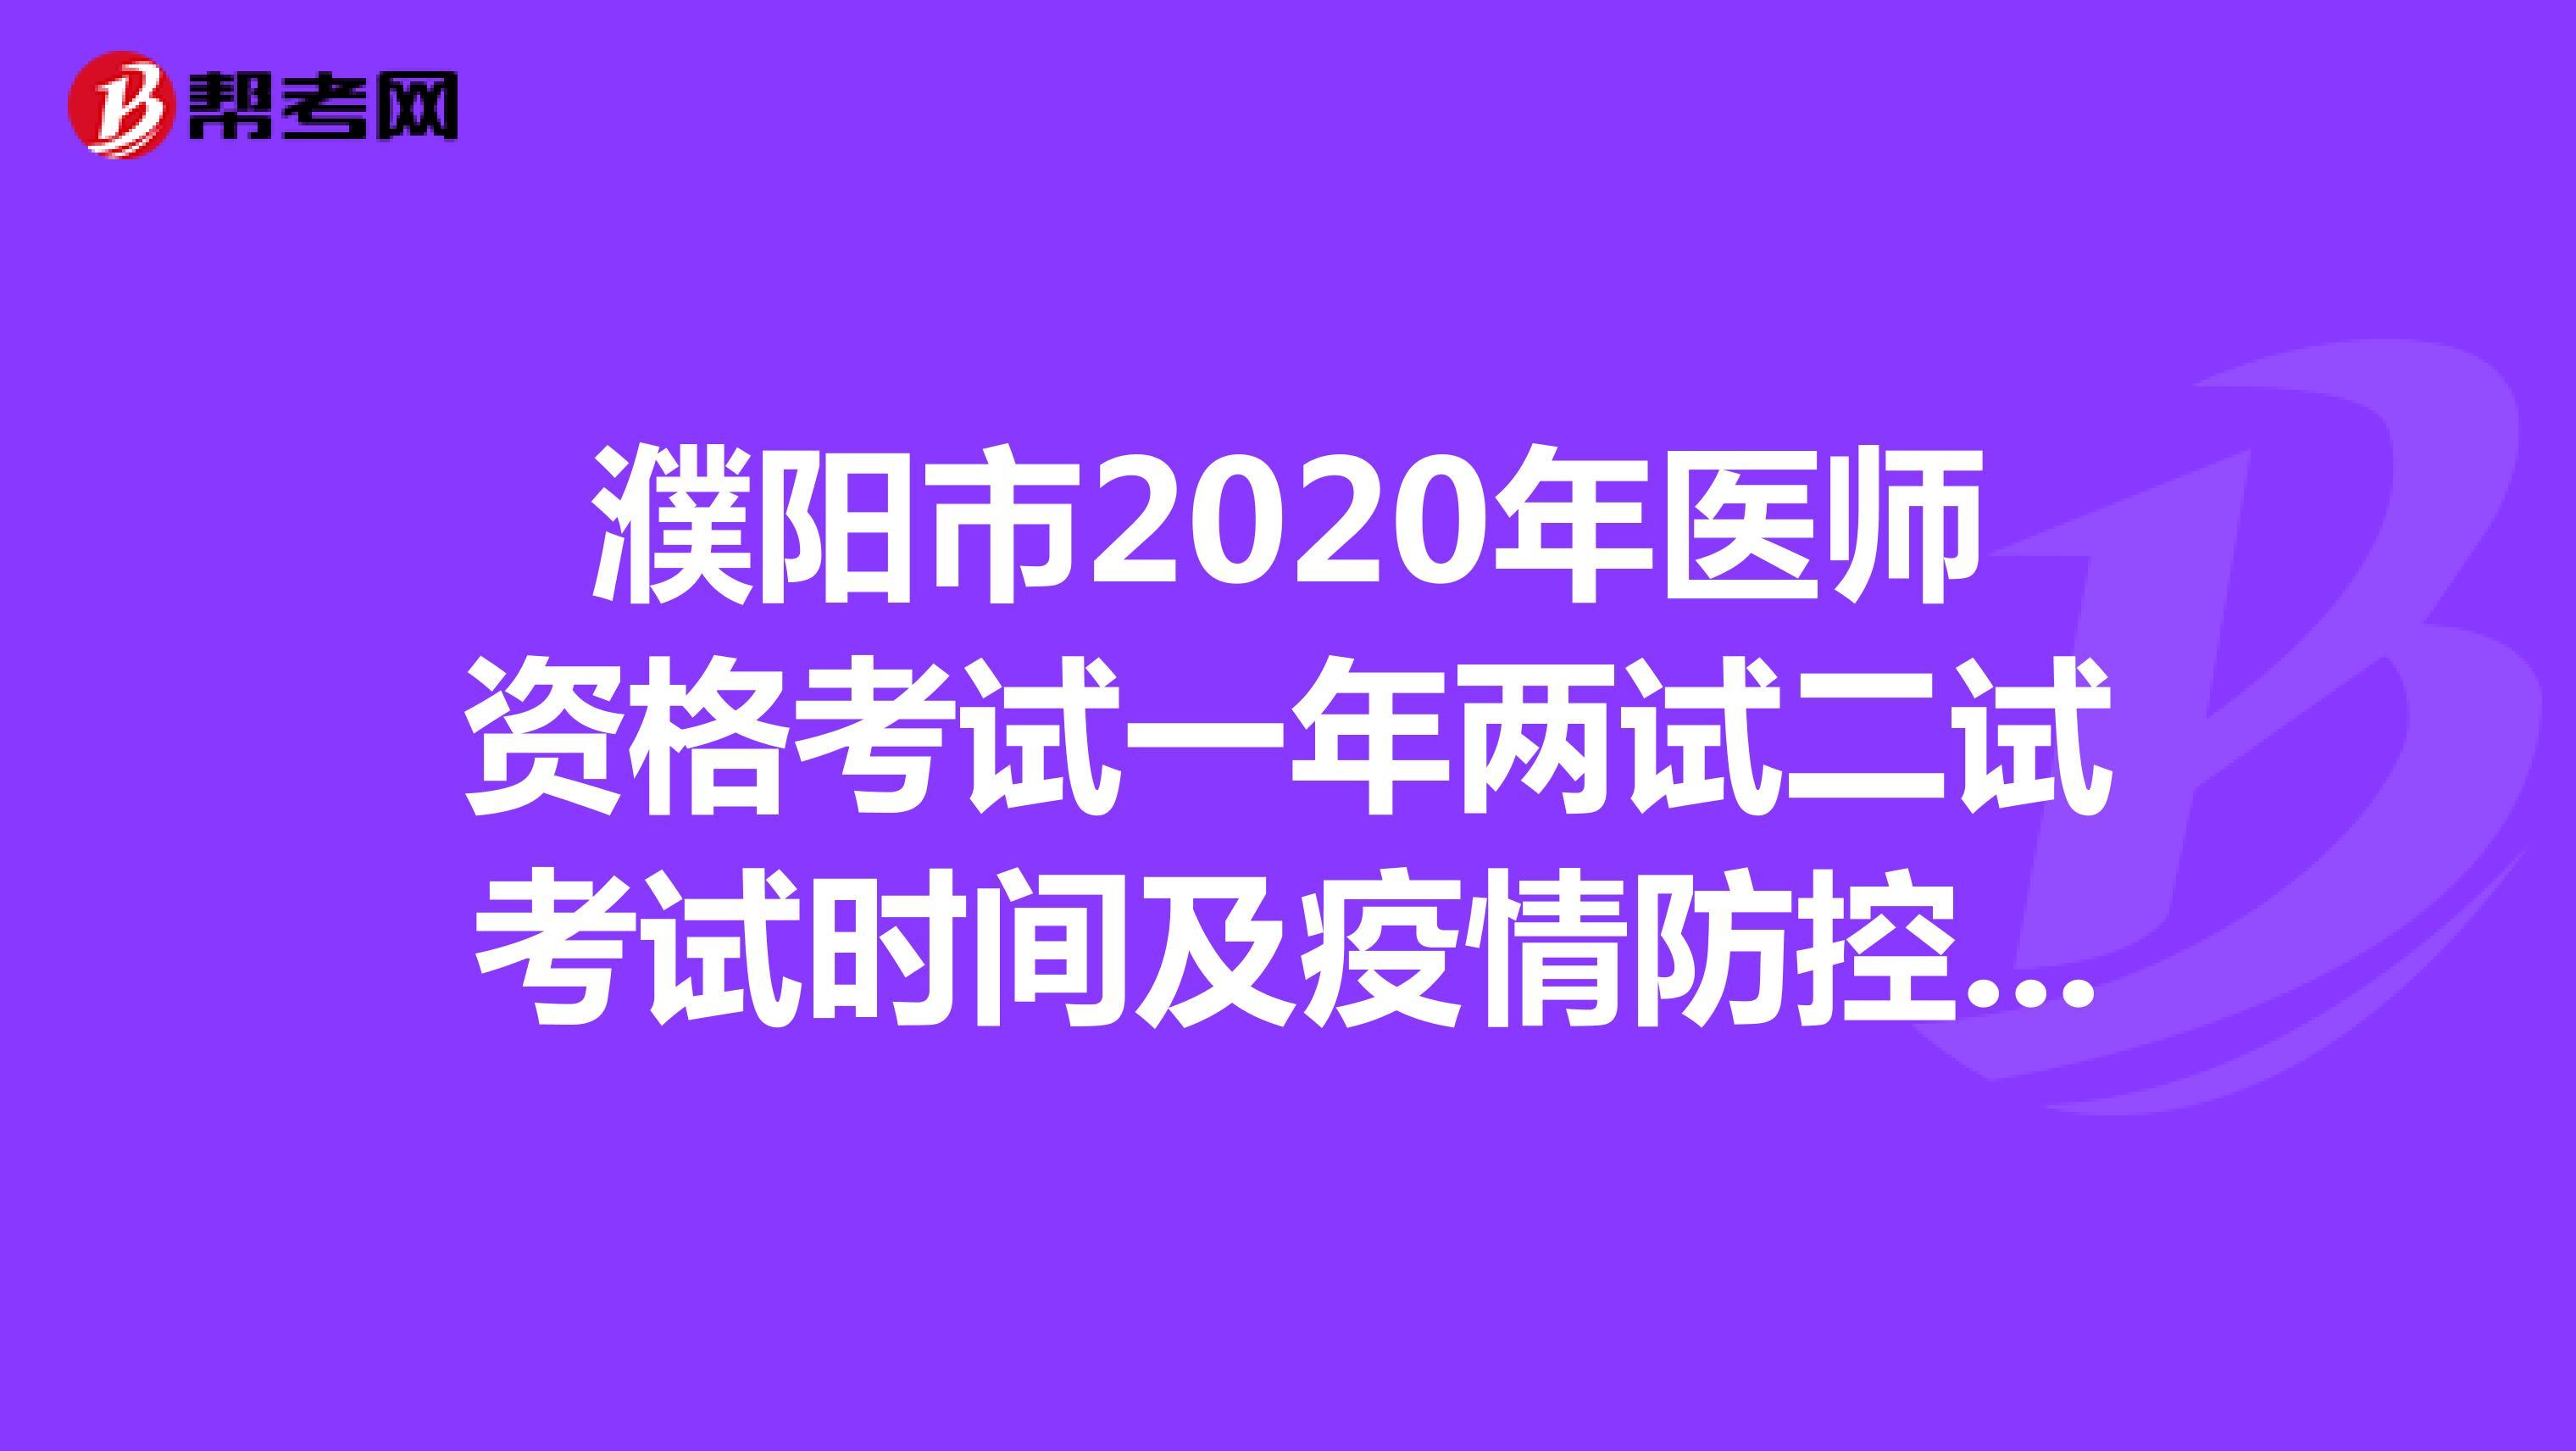 濮阳市2020年医师资格考试一年两试二试考试时间及疫情防控要求